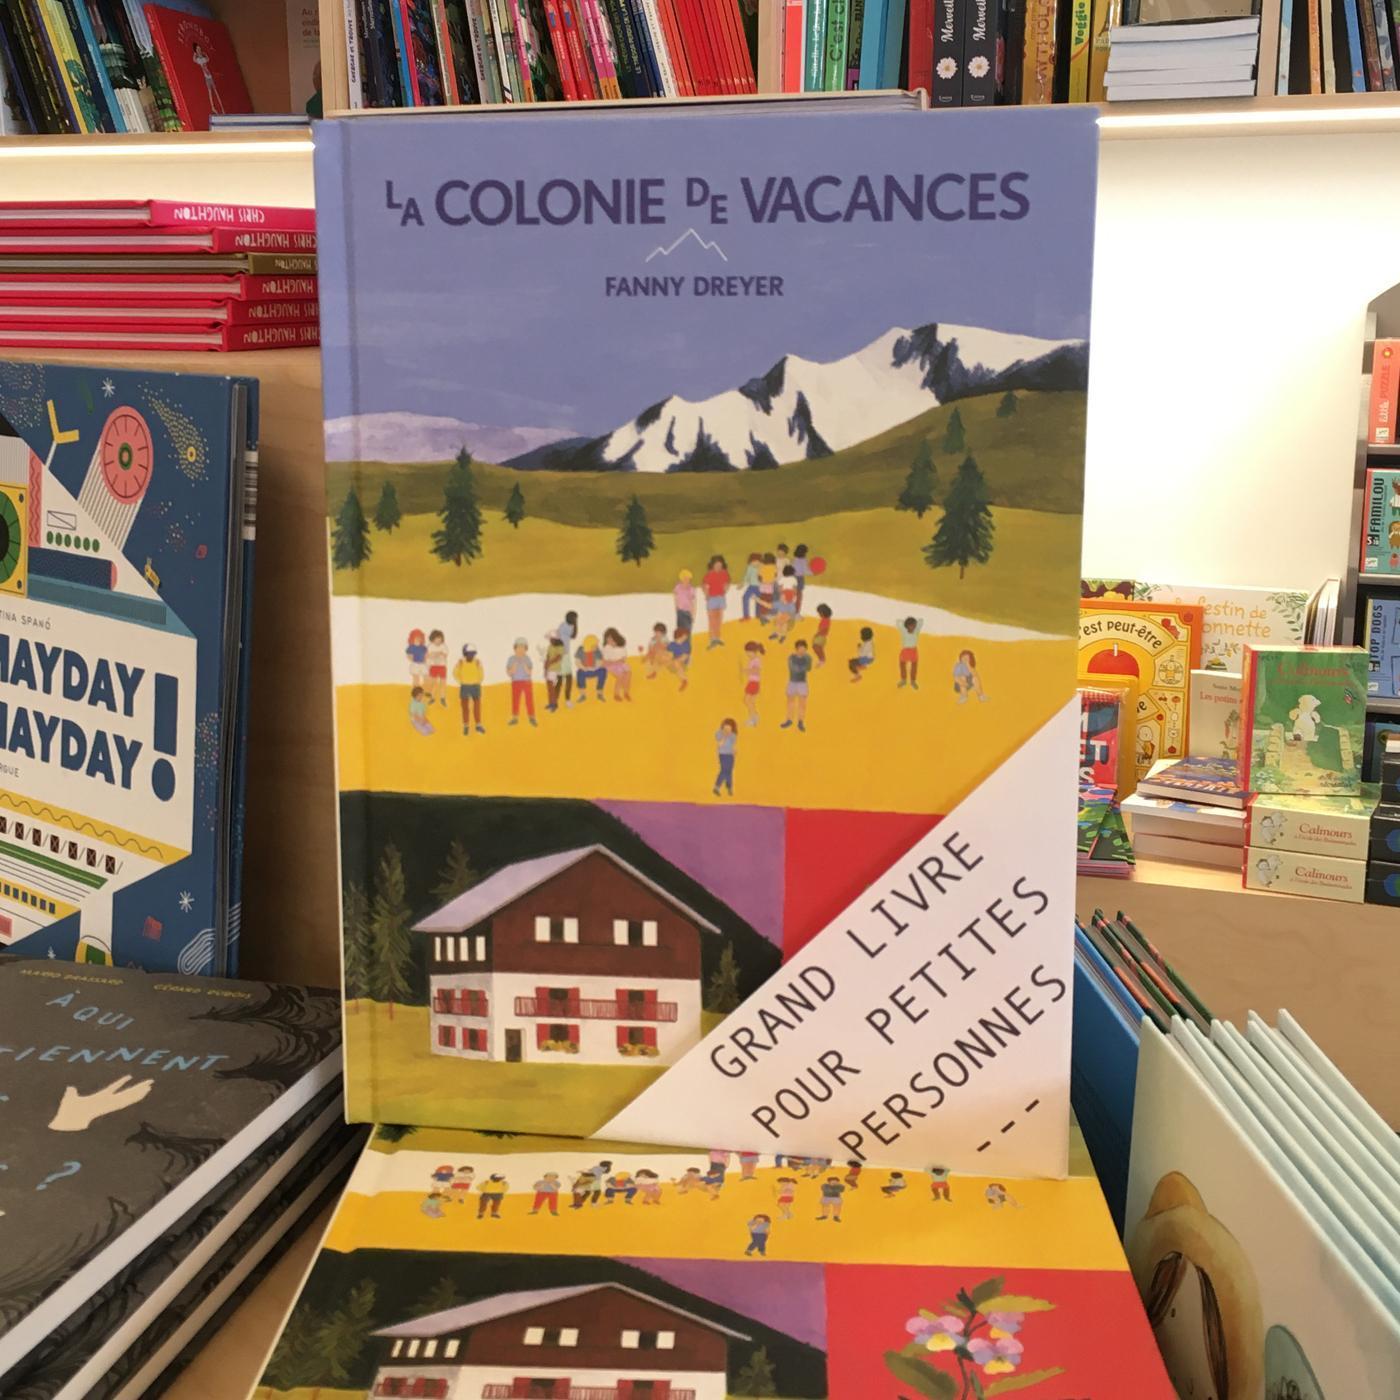 Grands livres pour petites personnes #36 - La colonie de vacances